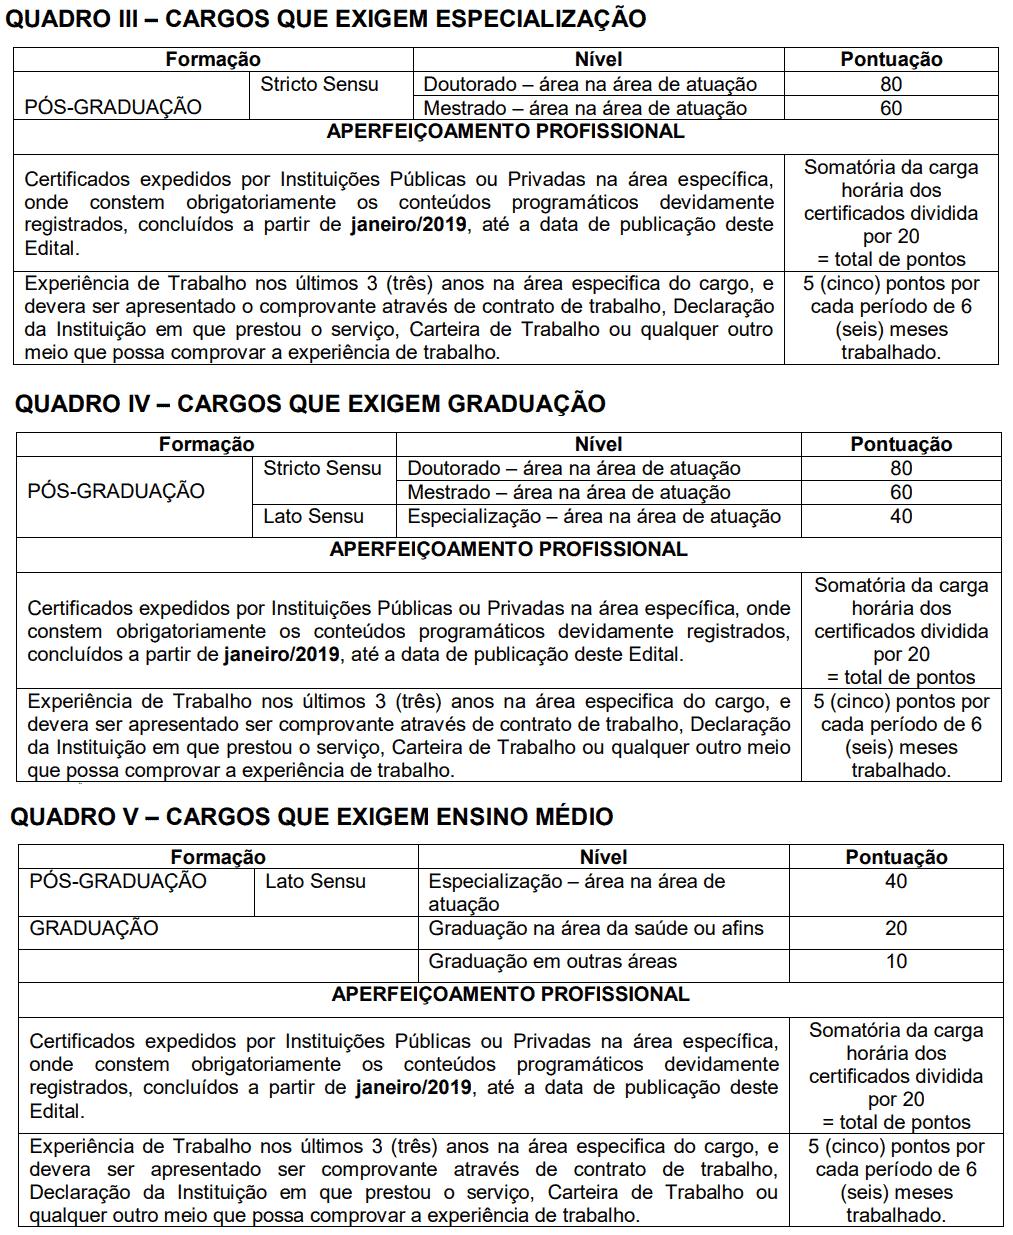 9 - Processo seletivo Prefeitura de Nova Xavantina MT: Inscrições encerradas